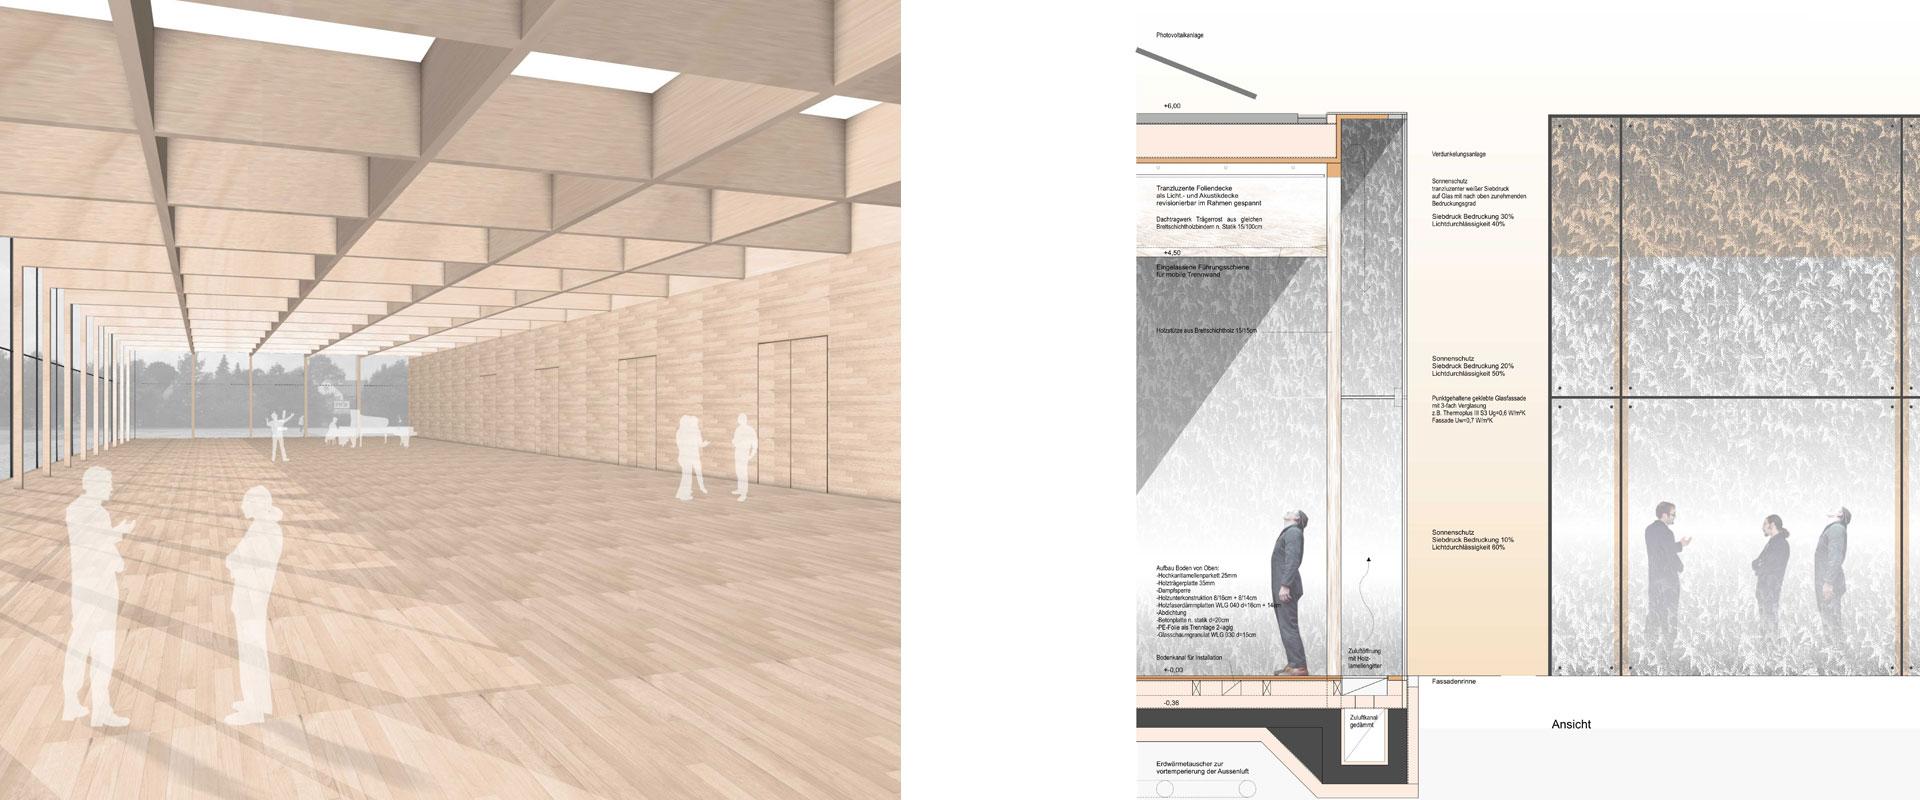 bathe+reber_architektur_wettbewerb_neumuenster_02